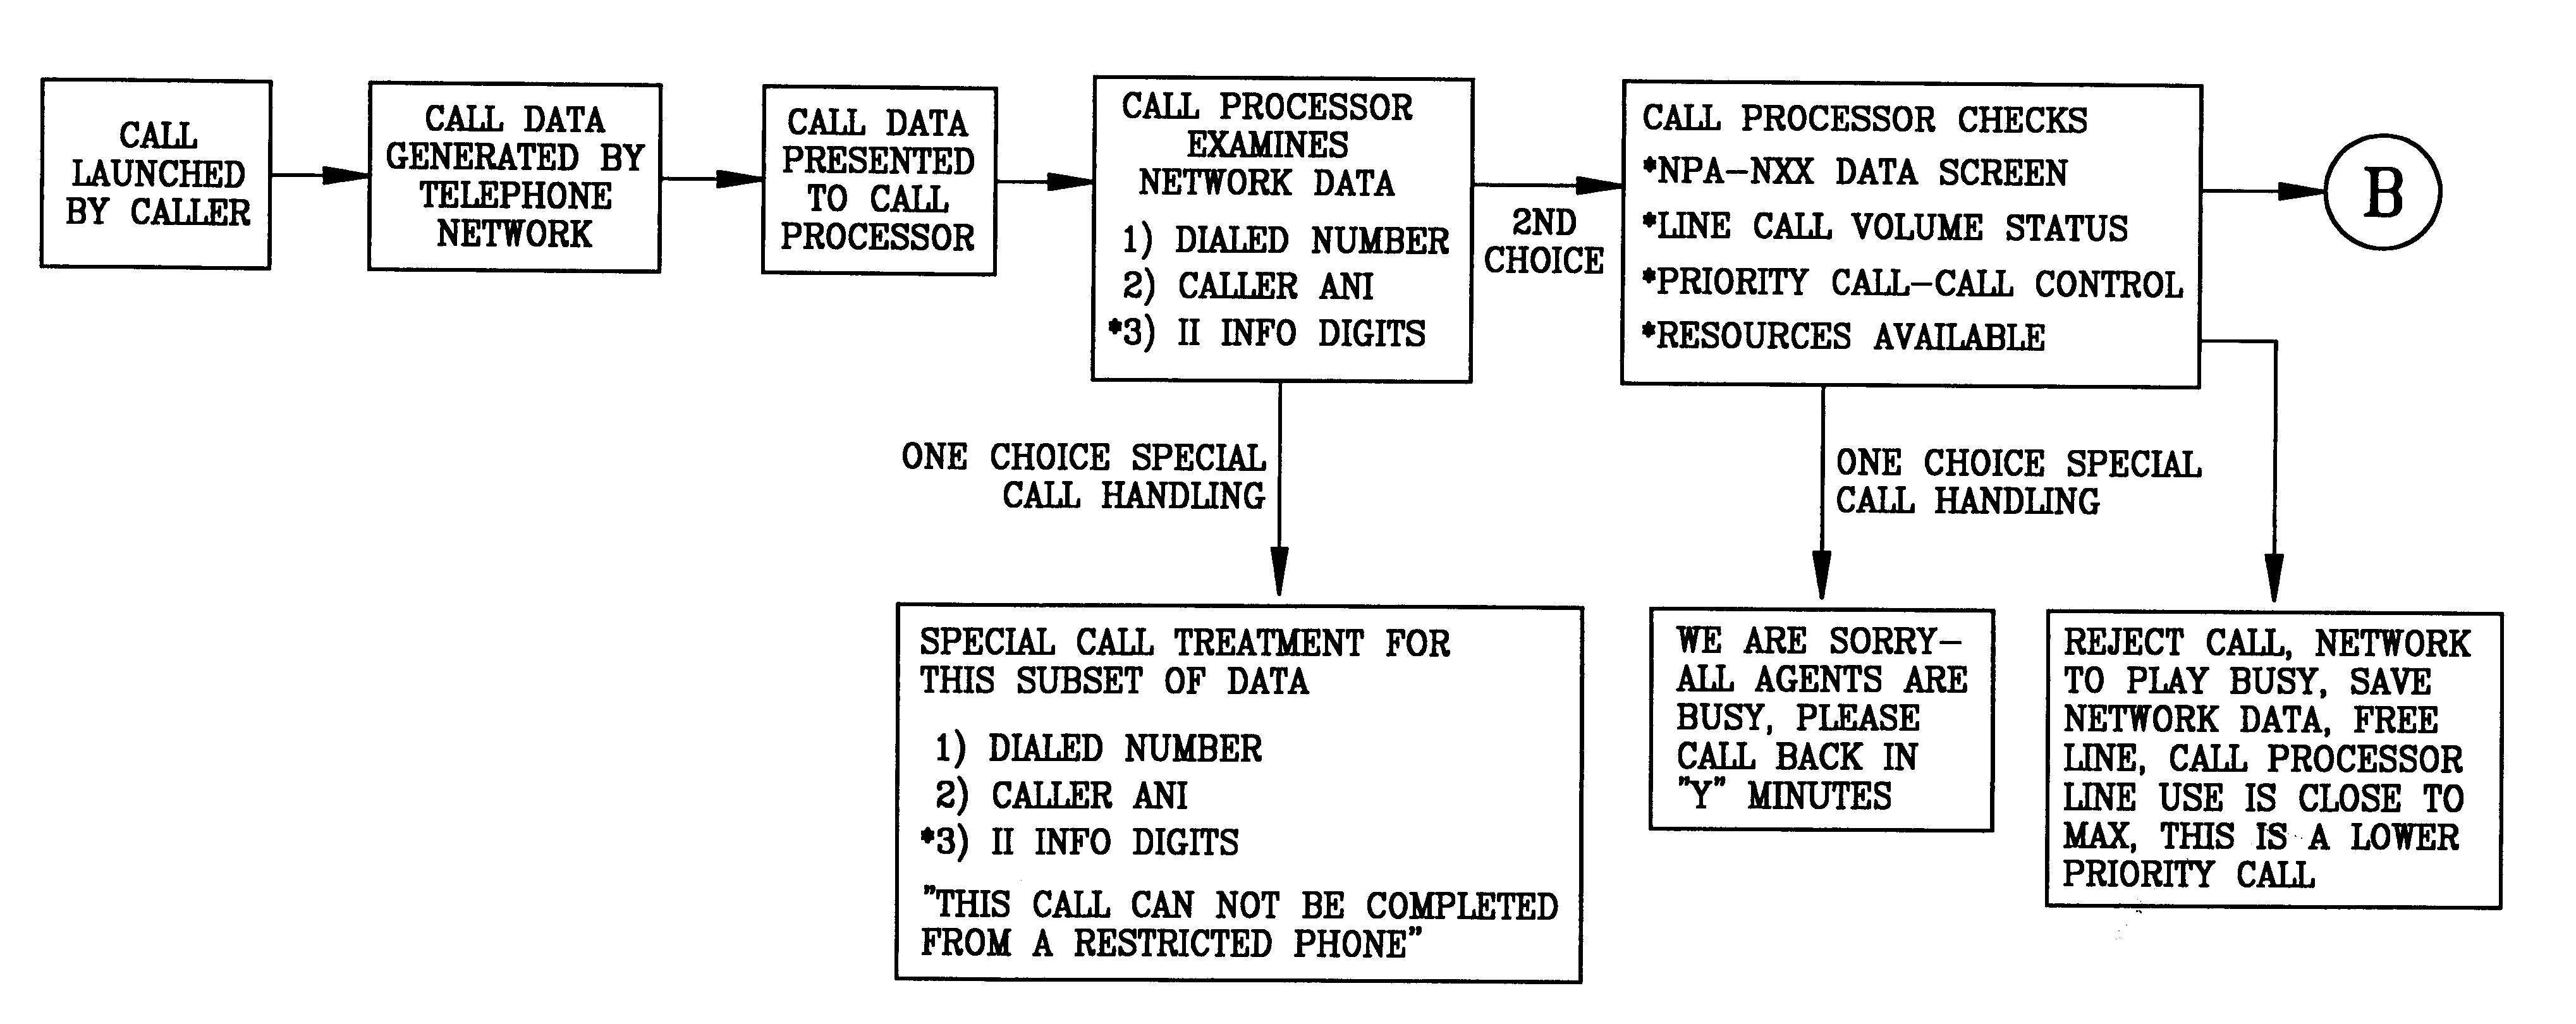 How do you use NPA NXX data?